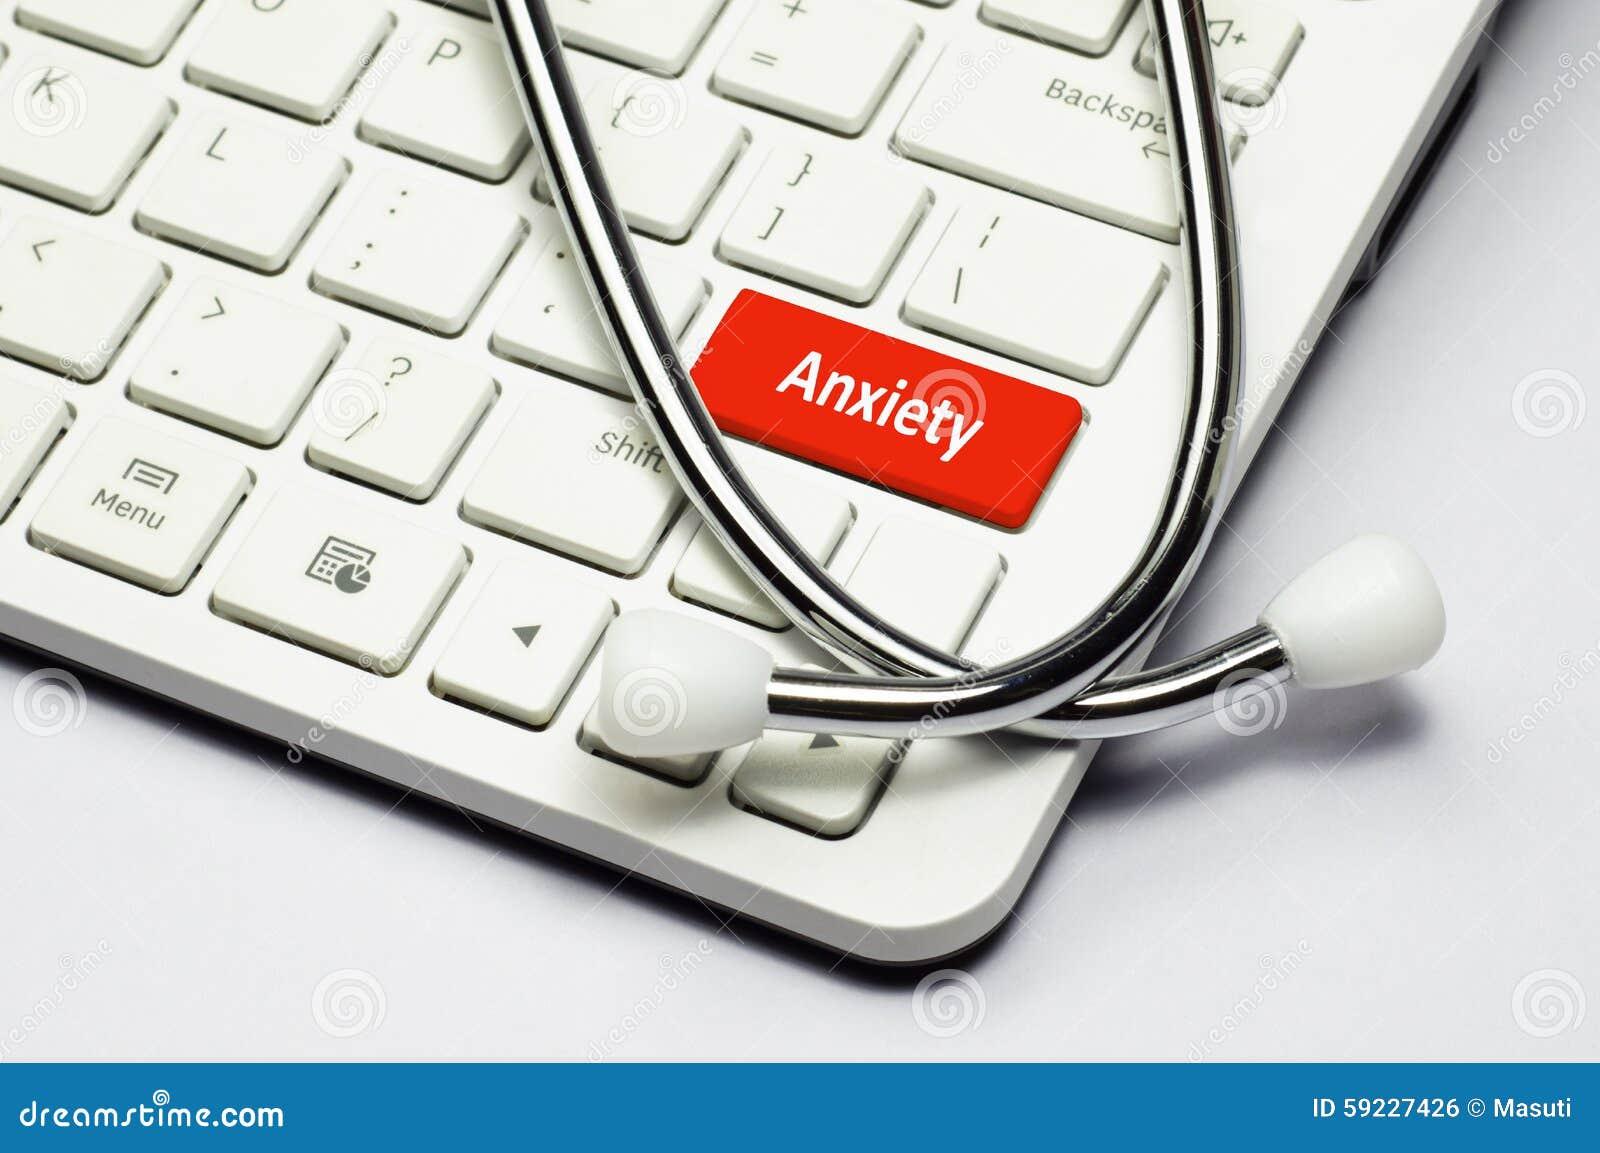 Texto del teclado, de la ansiedad y estetoscopio